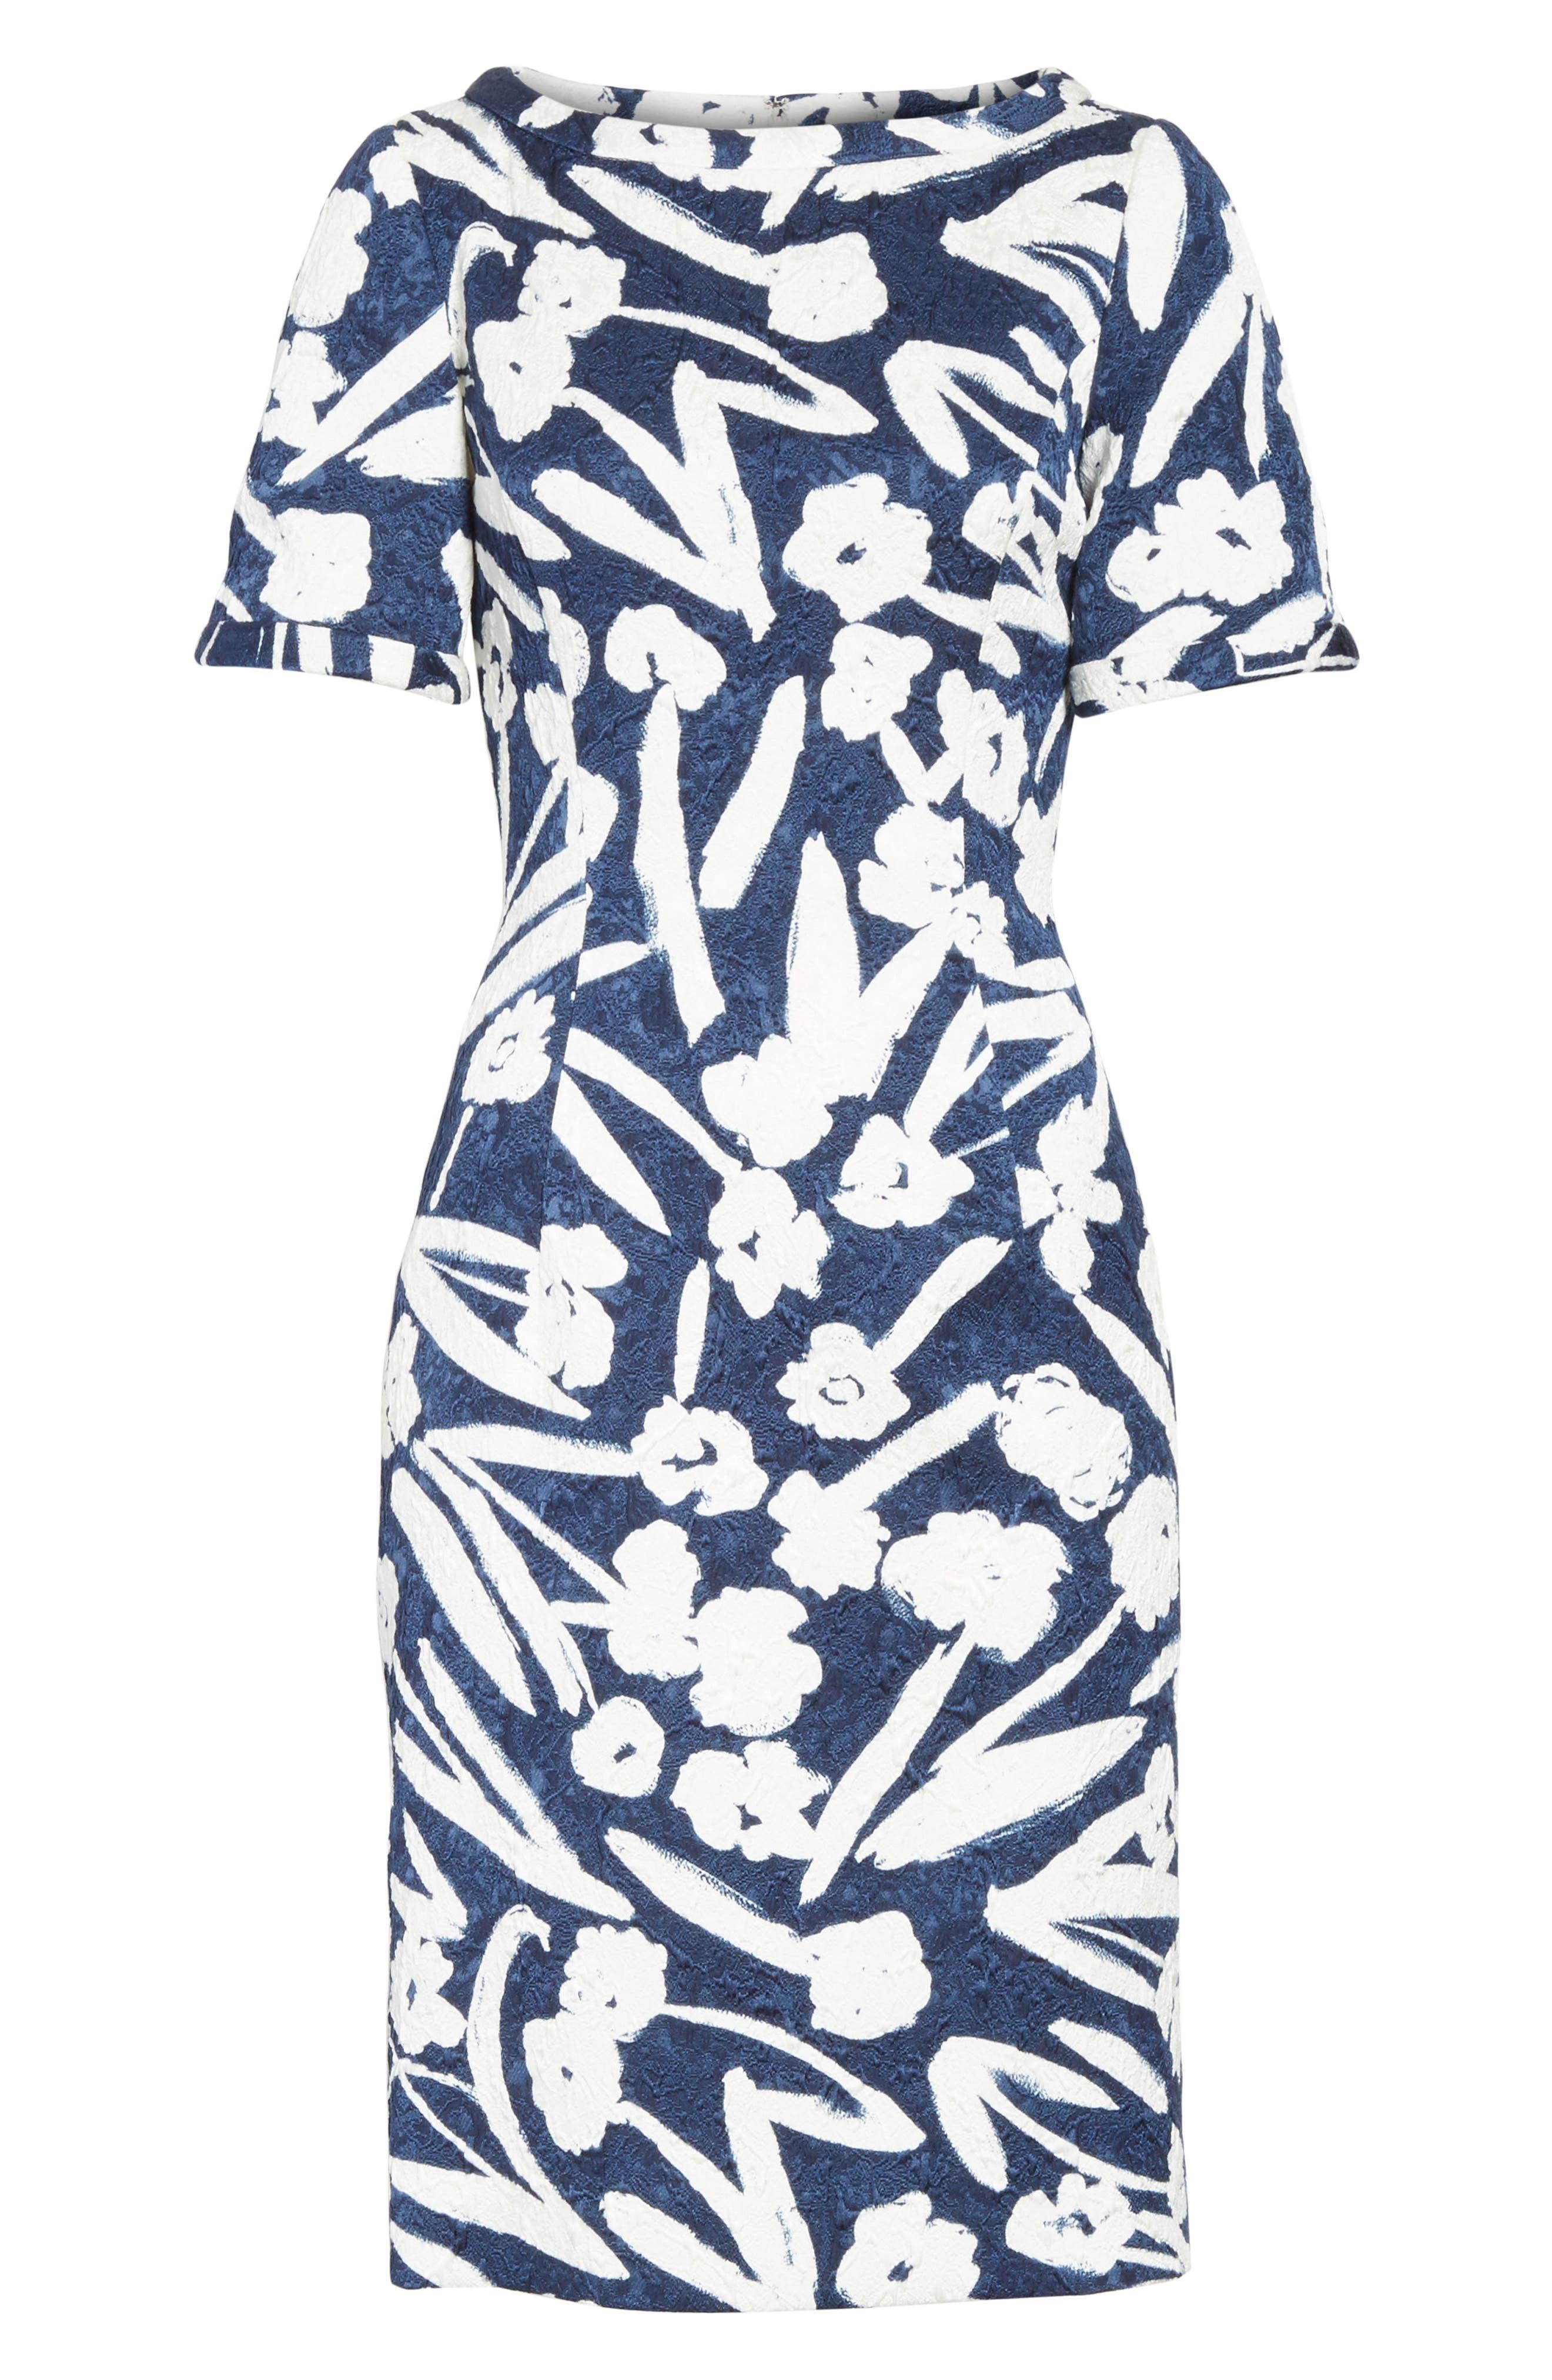 Painted Floral Cloqué Dress,                             Alternate thumbnail 6, color,                             Navy/ White